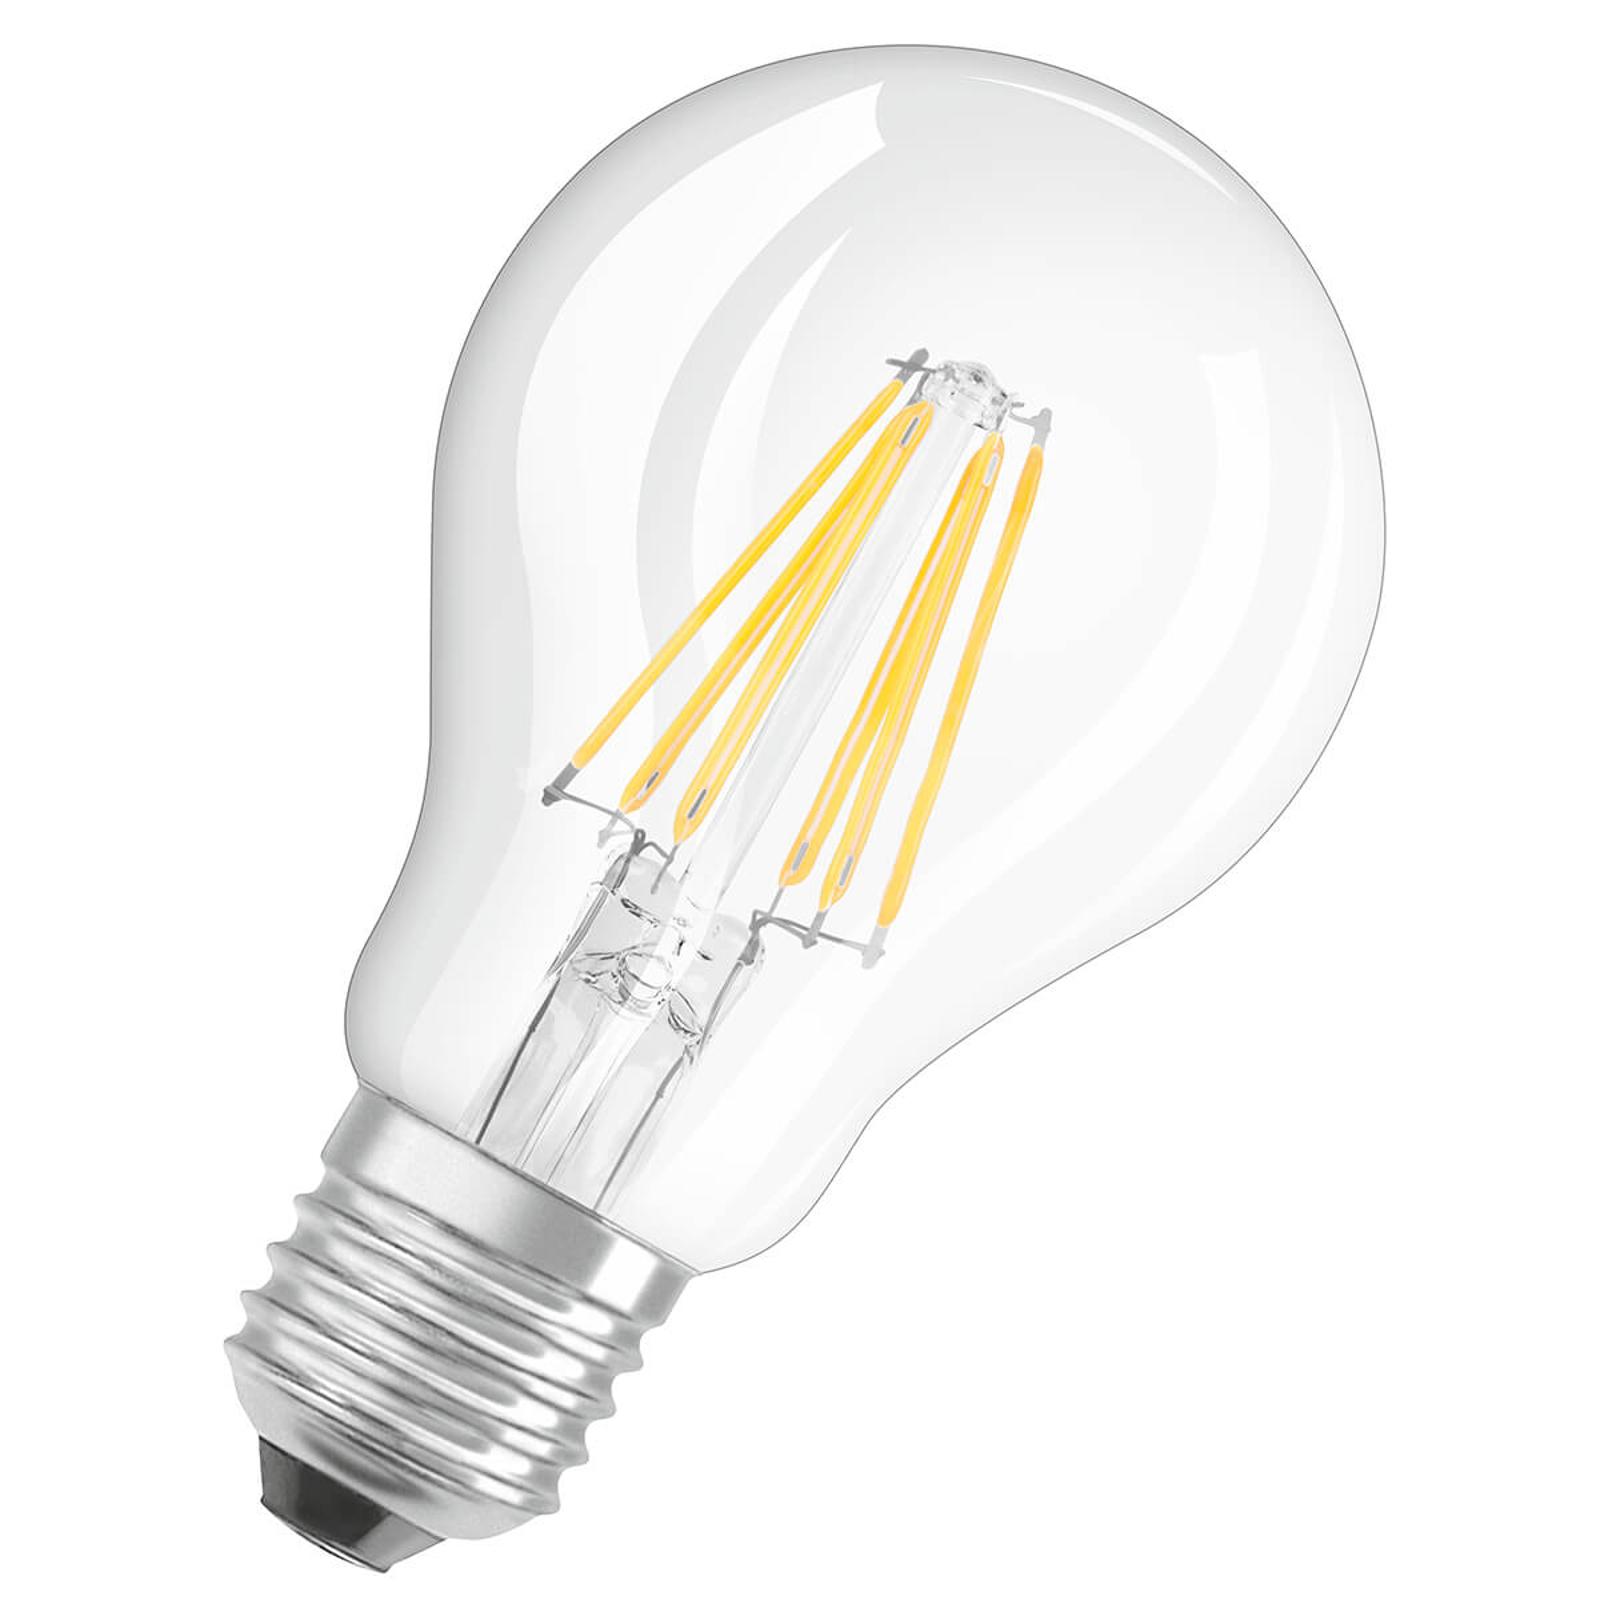 OSRAM LED-Lampe E27 7W warmweiß GLOWdim klar